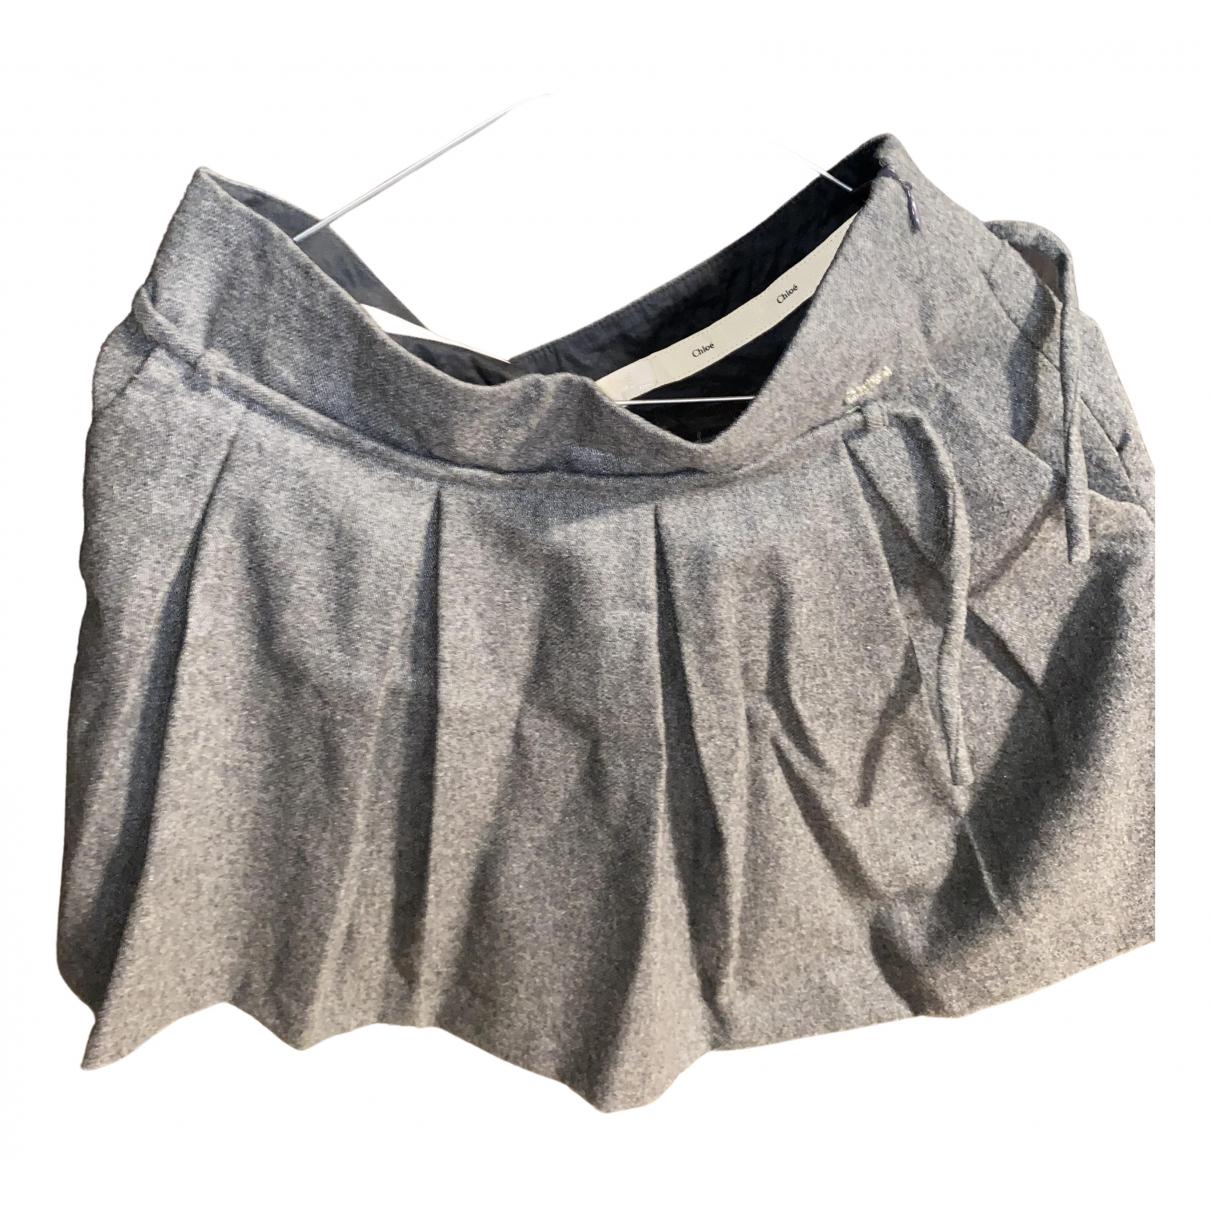 Chloe - Jupe   pour femme en laine - gris